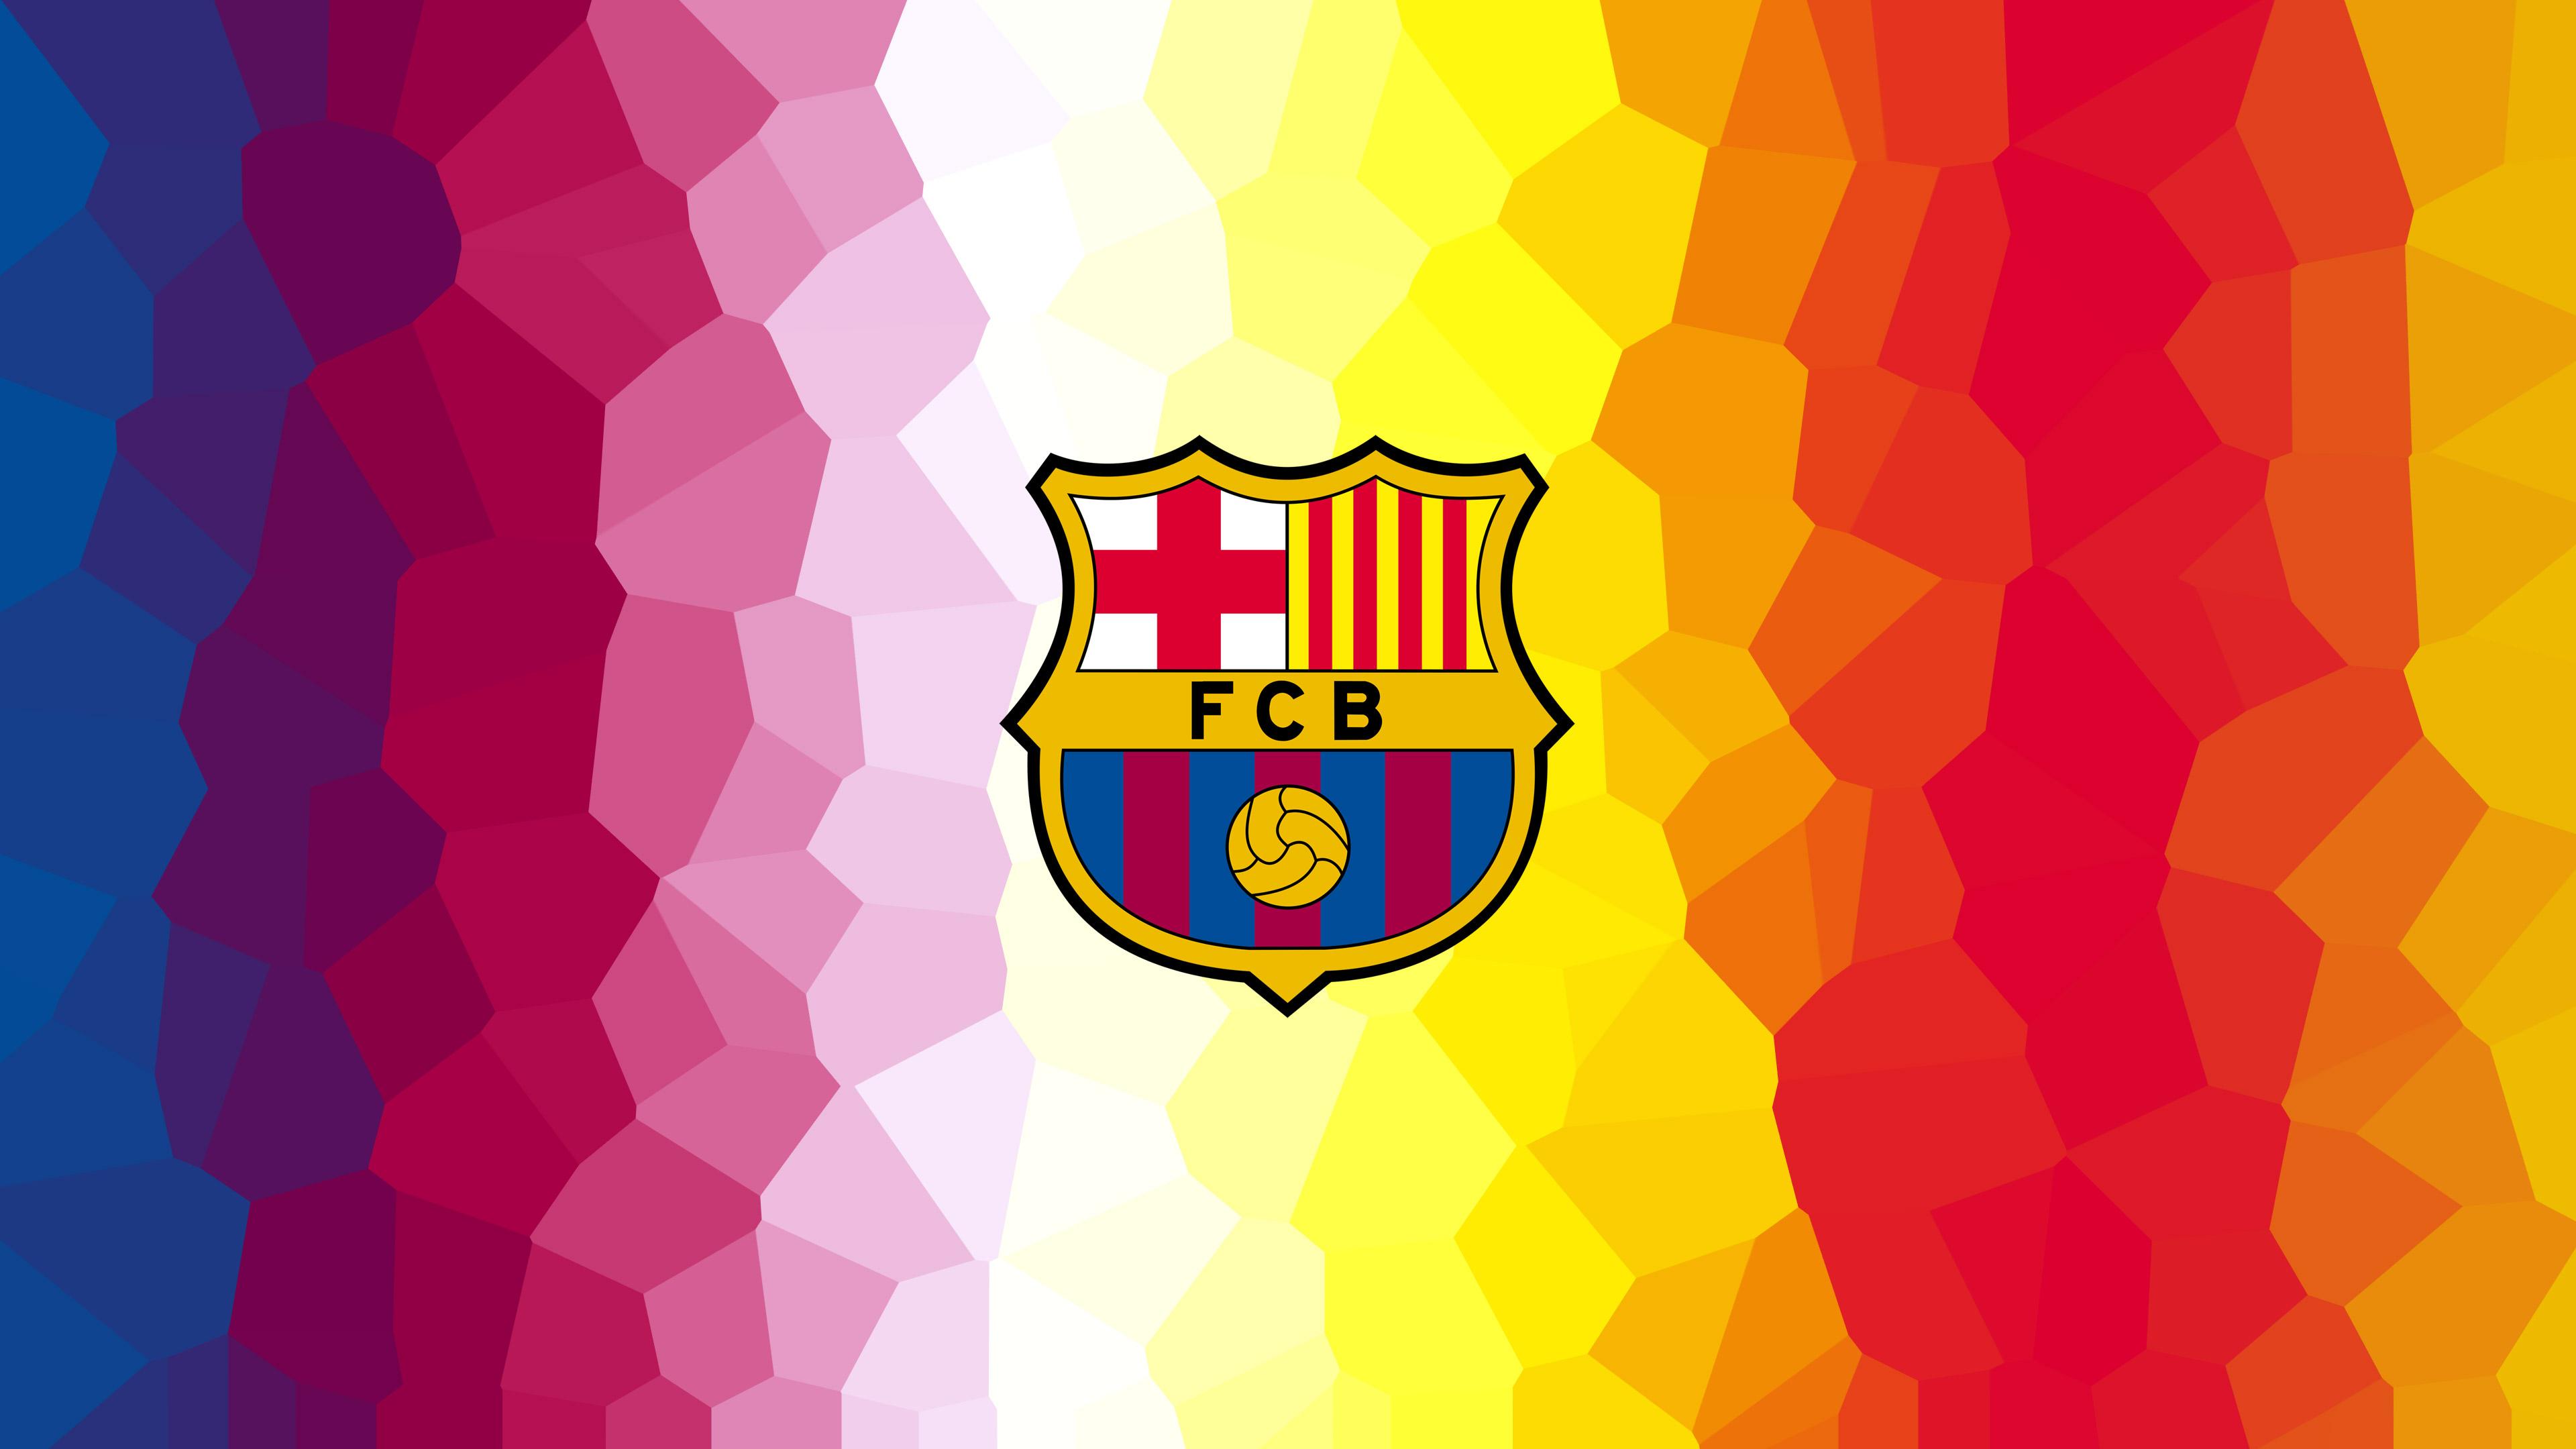 Эмблема профессионального футбольного клуба Барселоны